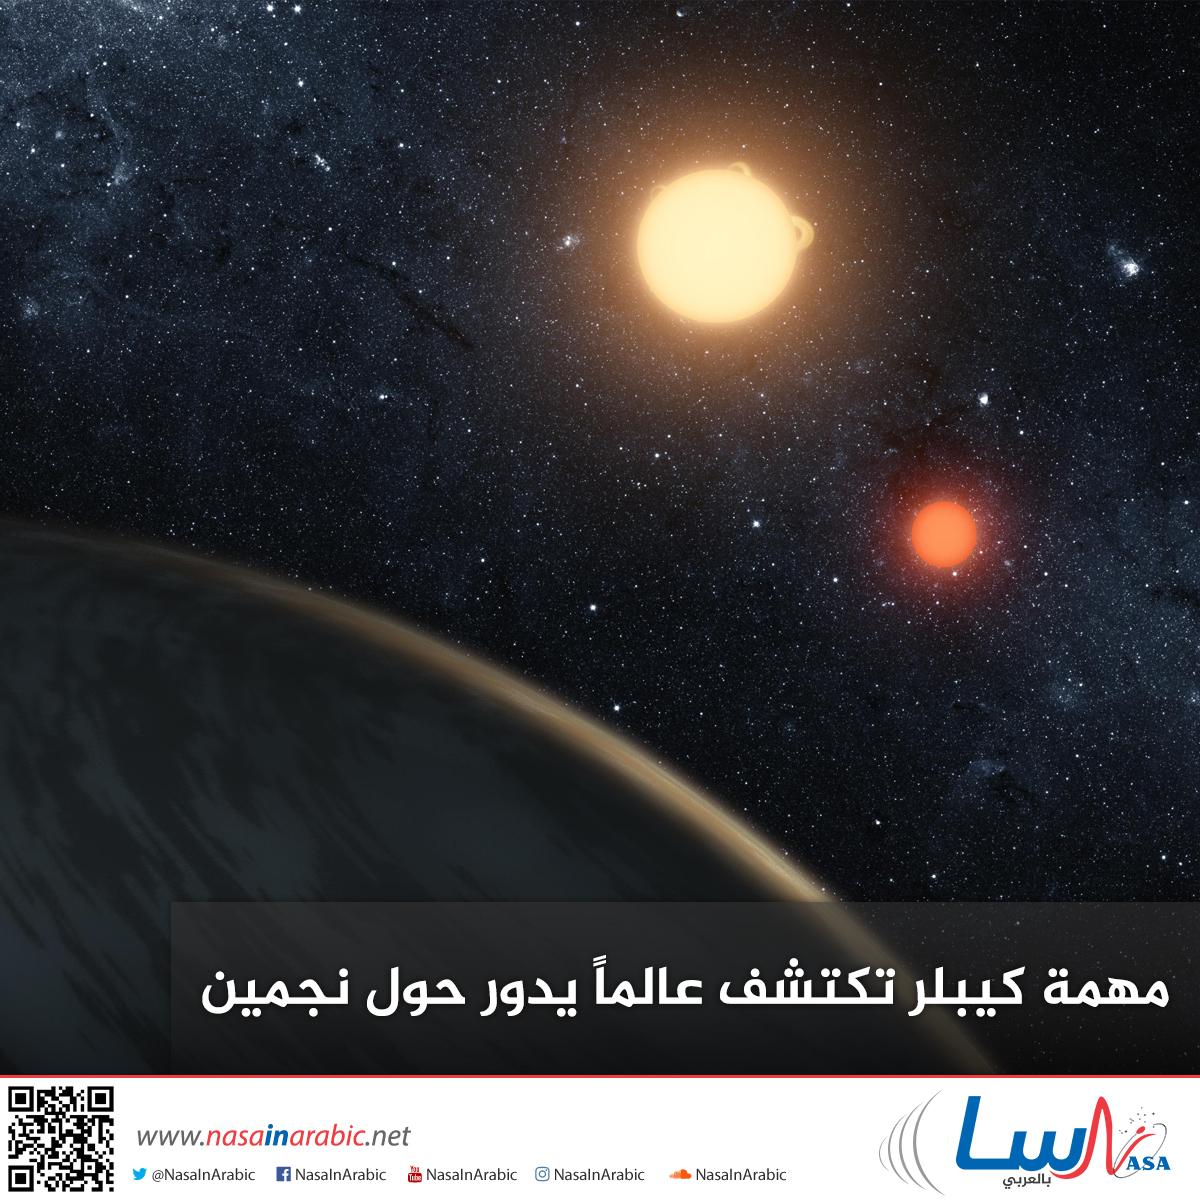 مهمة كيبلر تكتشف عالماً يدور حول نجمين